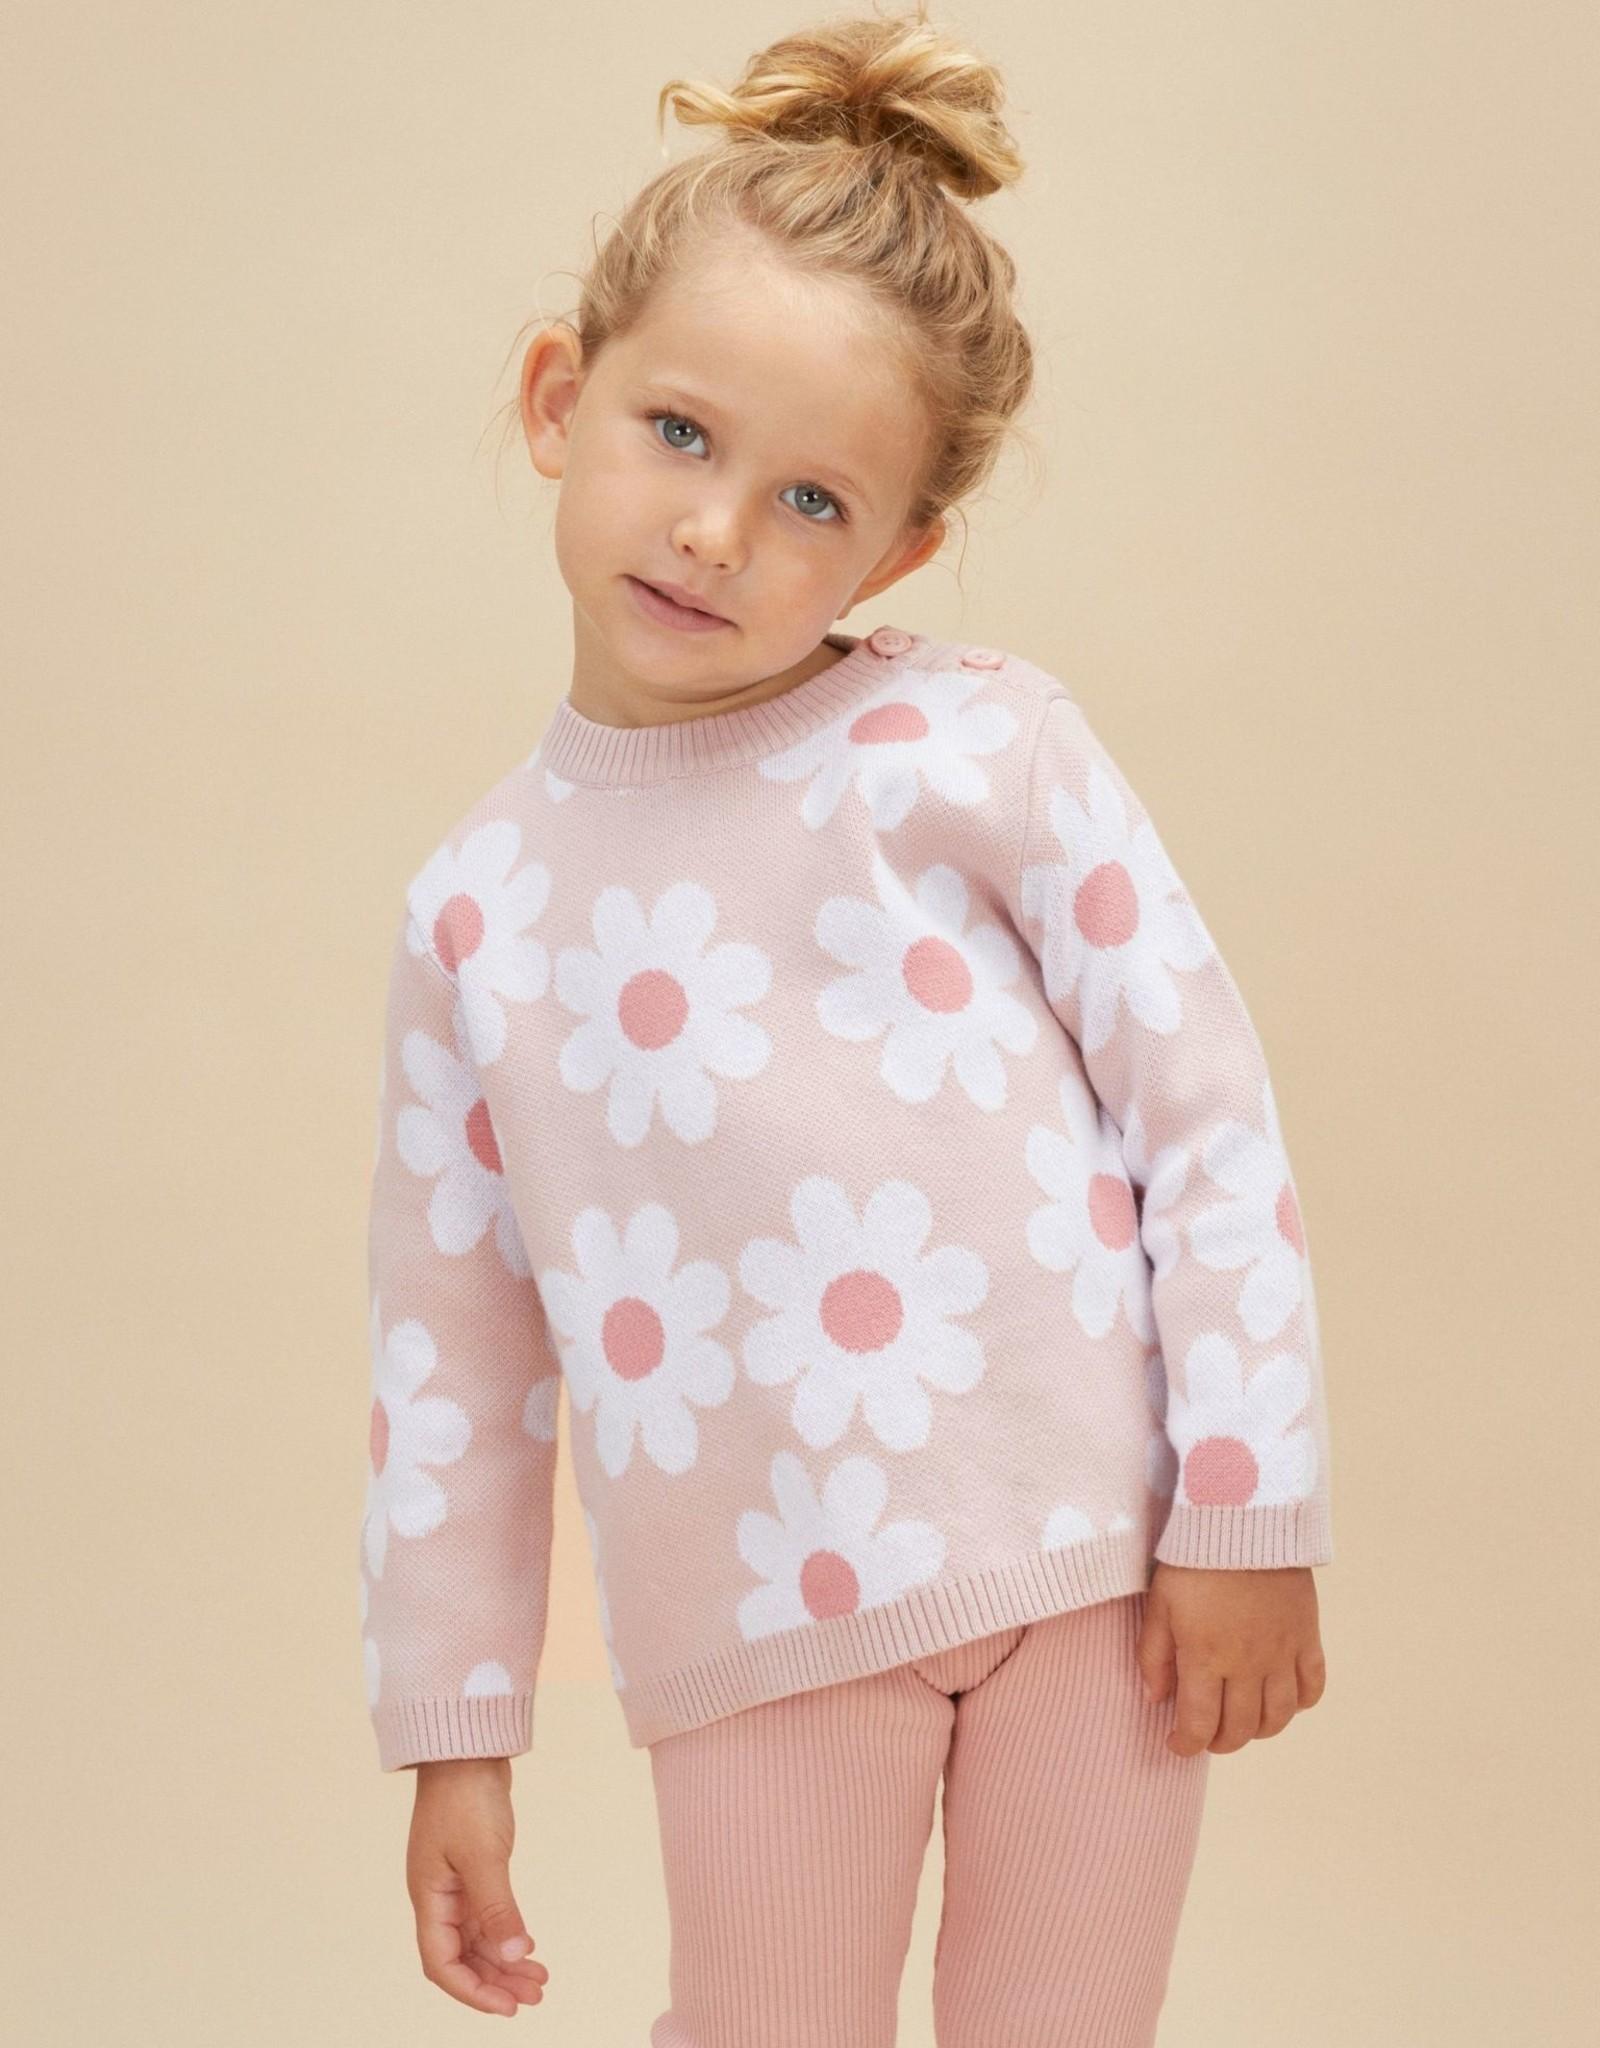 Huxbaby daisy sweater